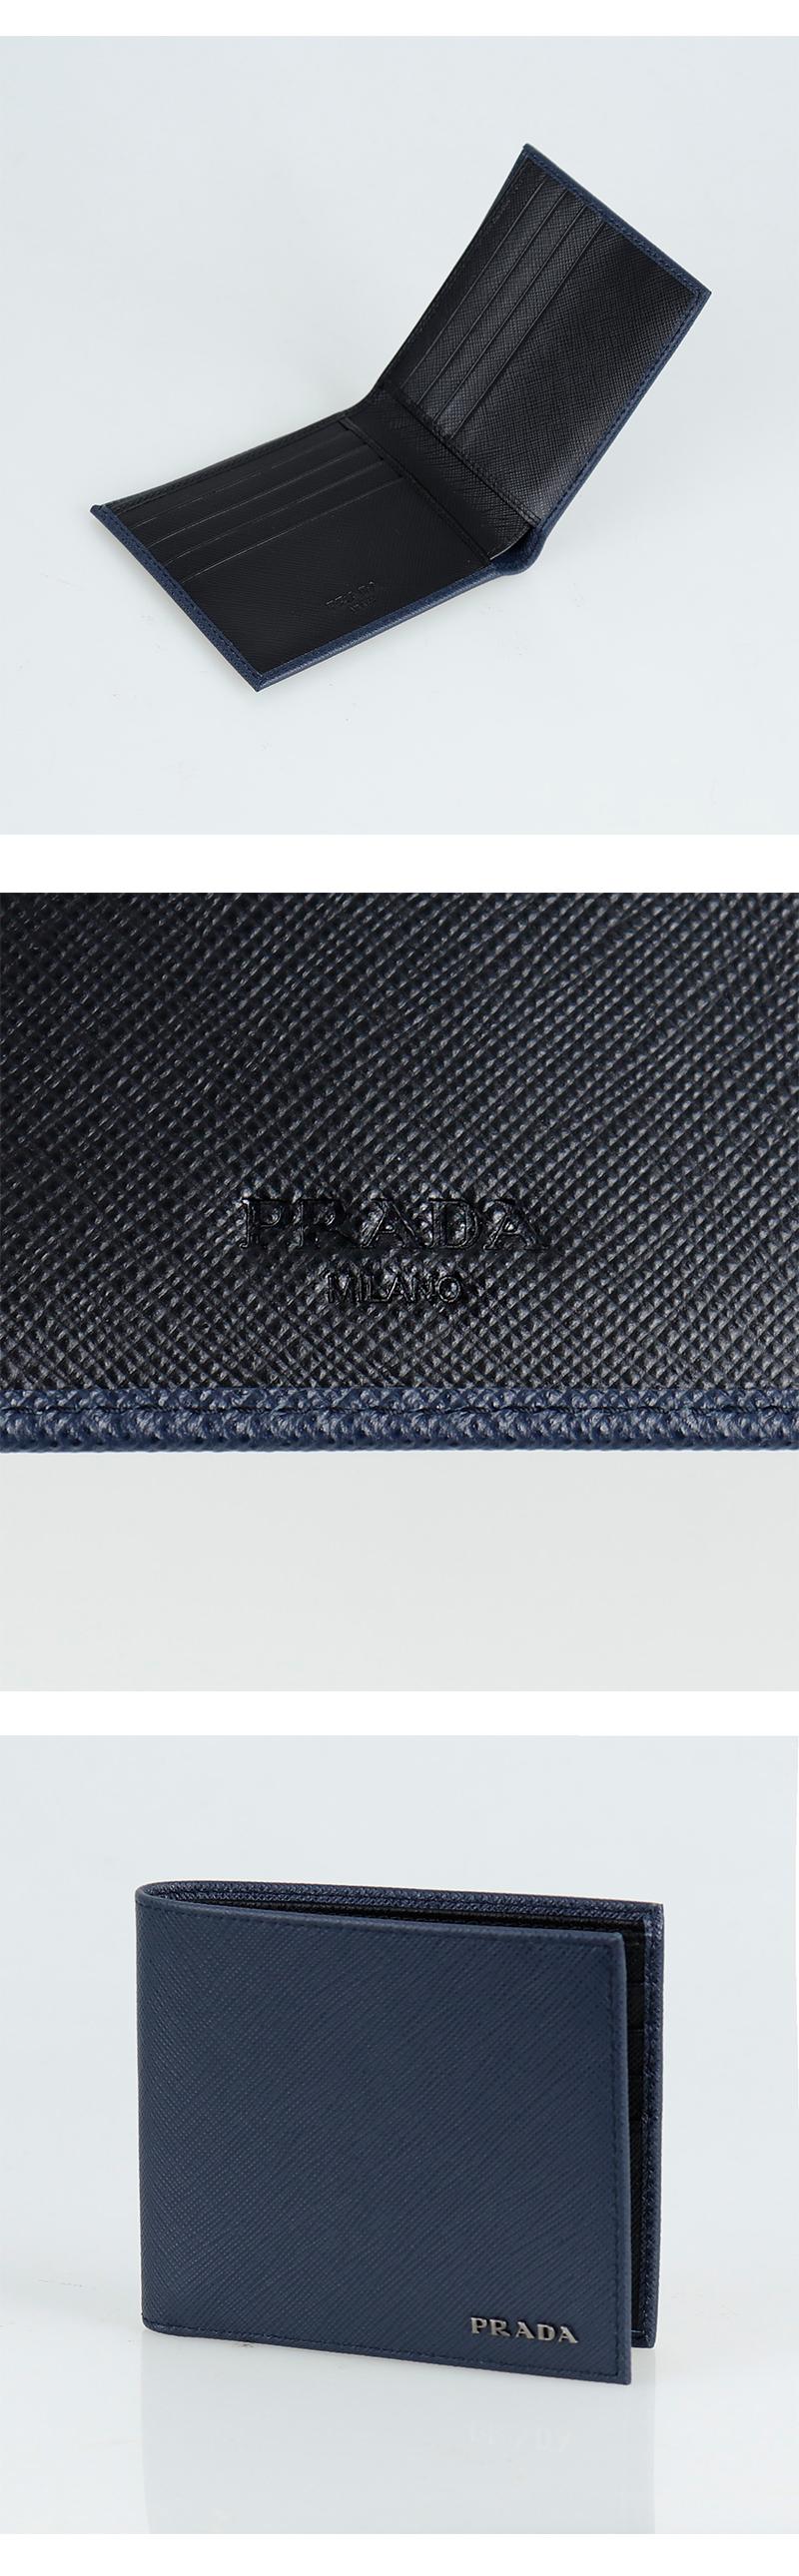 프라다(PRADA) 사피아노 투톤 반지갑  2MO513